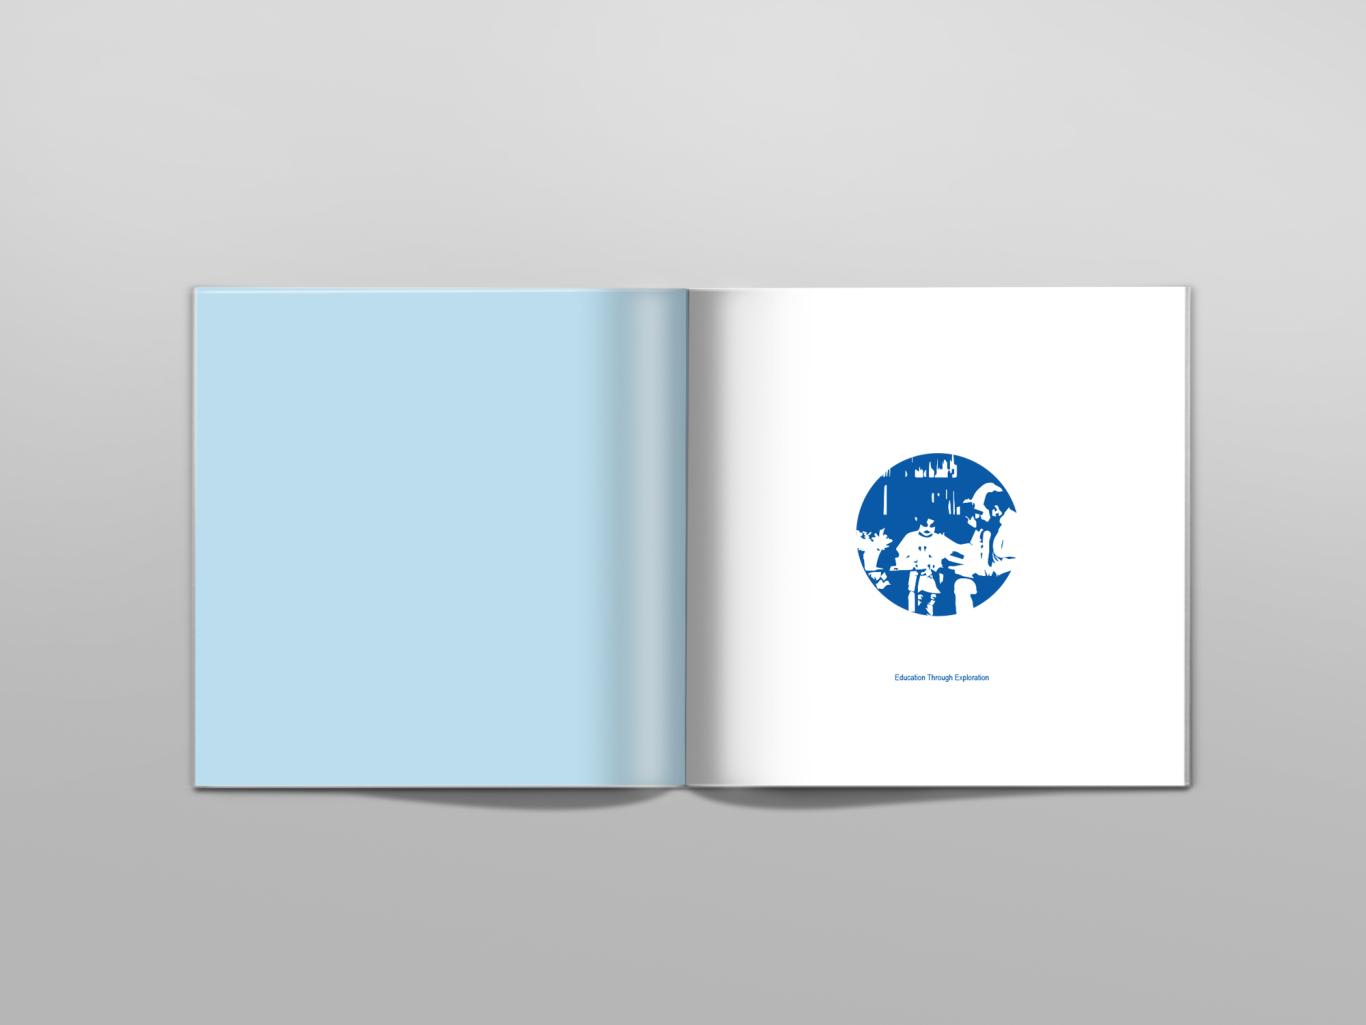 孩子的故事国际幼儿园 画册图1